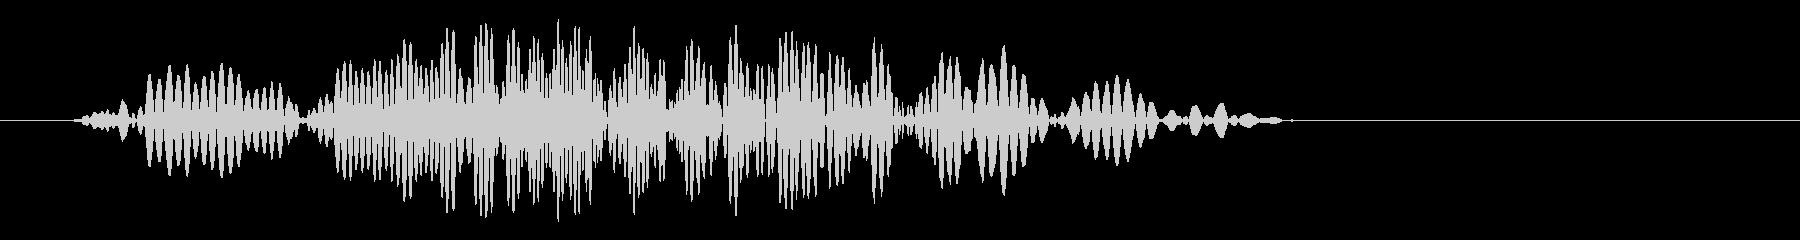 ヒュッ!(素早い動きのある音)の未再生の波形